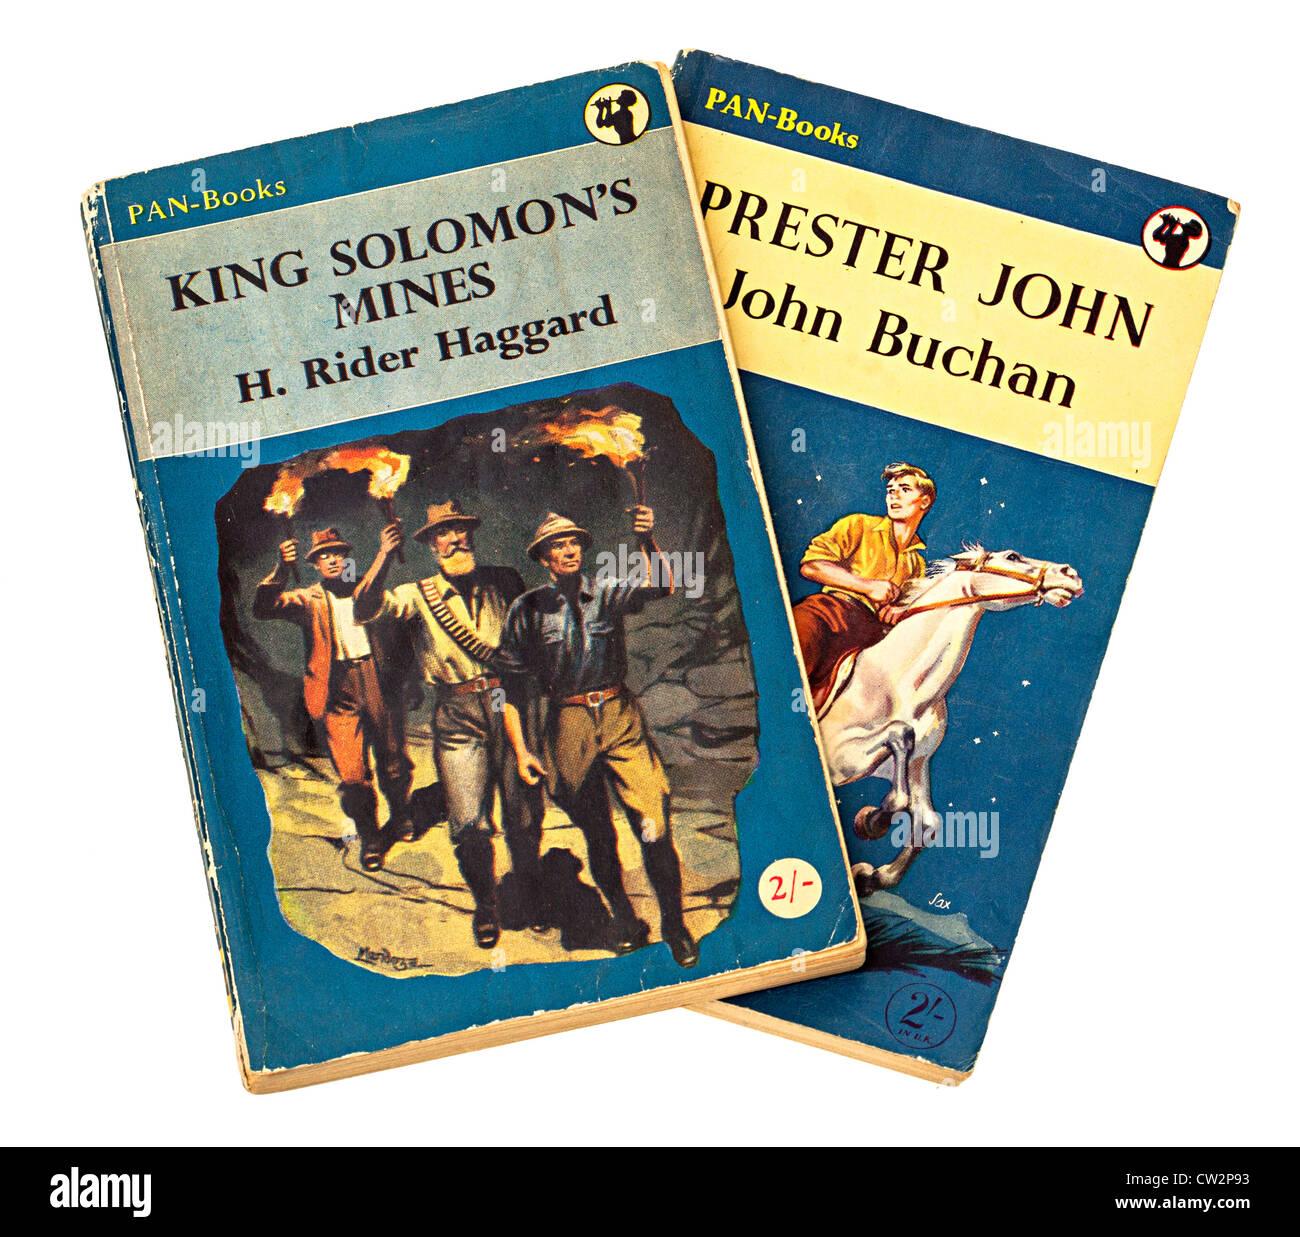 Histoire d'aventure pour enfants classique livres de Jules Verne, H. Rider Haggard et John Buchan Photo Stock